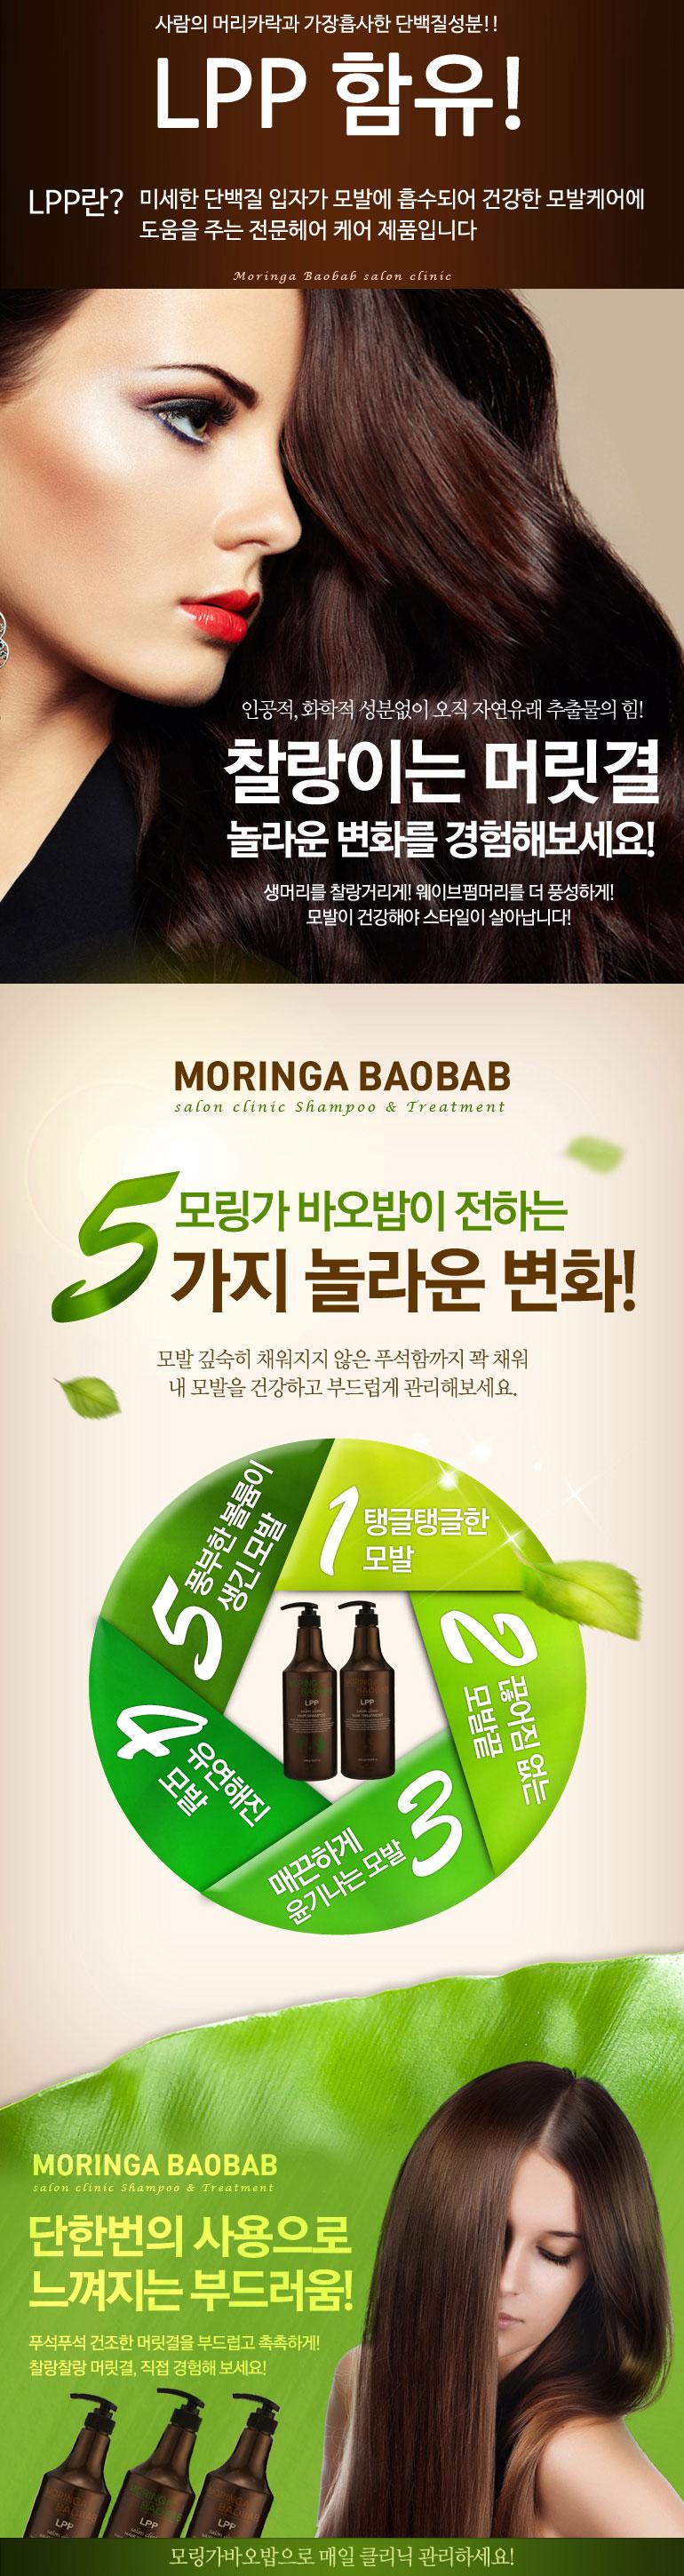 Moringa_03-01.jpg